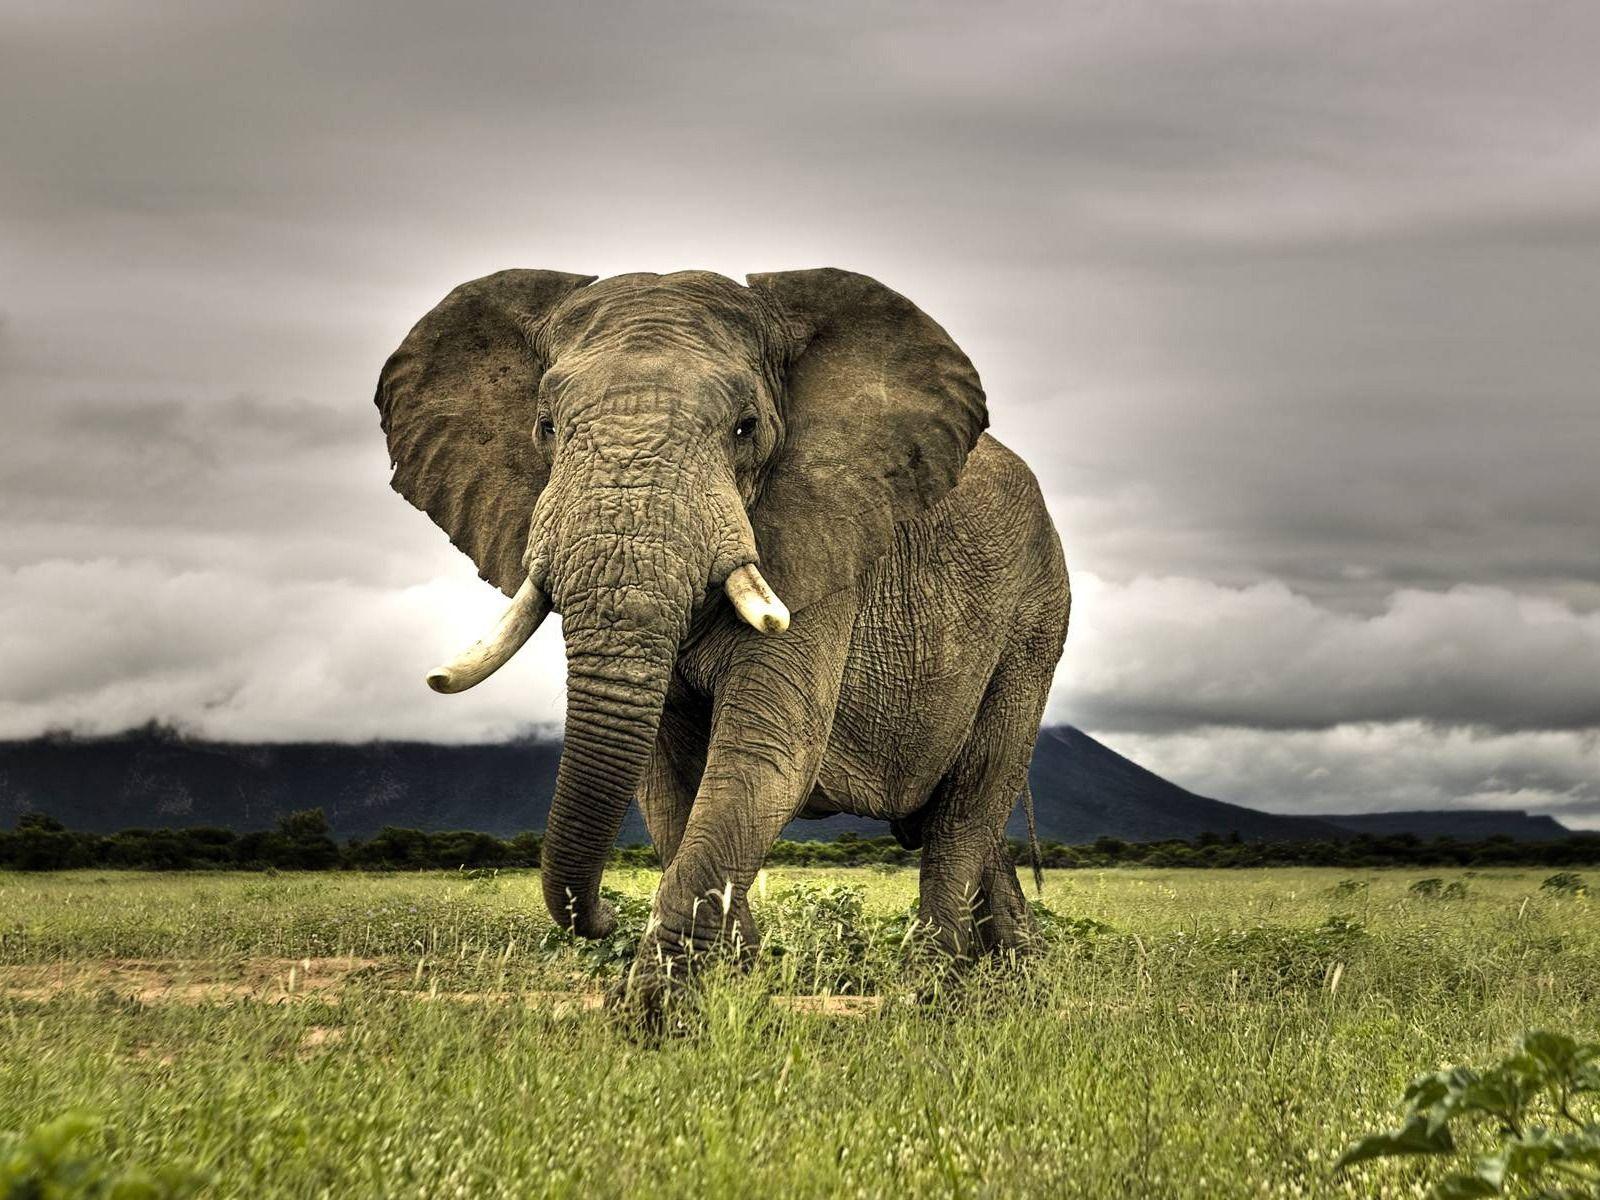 Animales en HD (High Definition) | Elefantes, Increíble y Animales